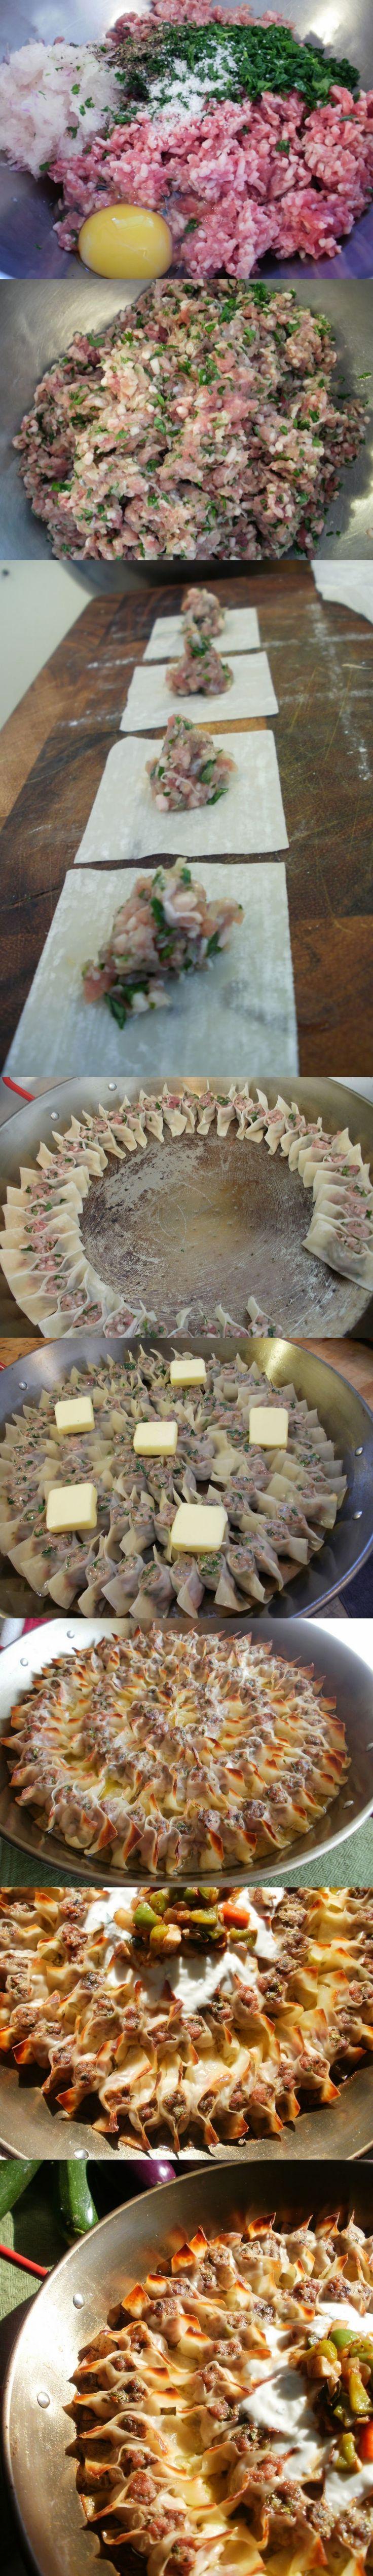 Manti - The Ottoman Empire's precious dumpling